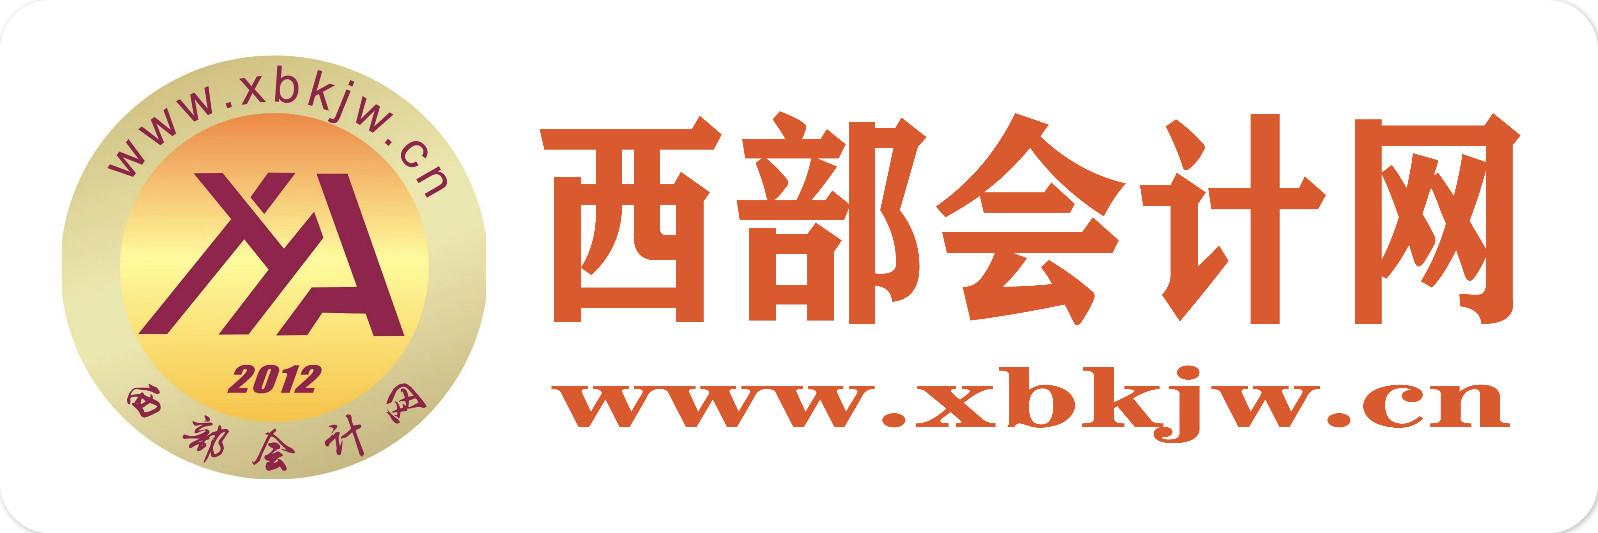 万博manbetx官网网页版_ManBetXapp下载_万博manbetx平台网址